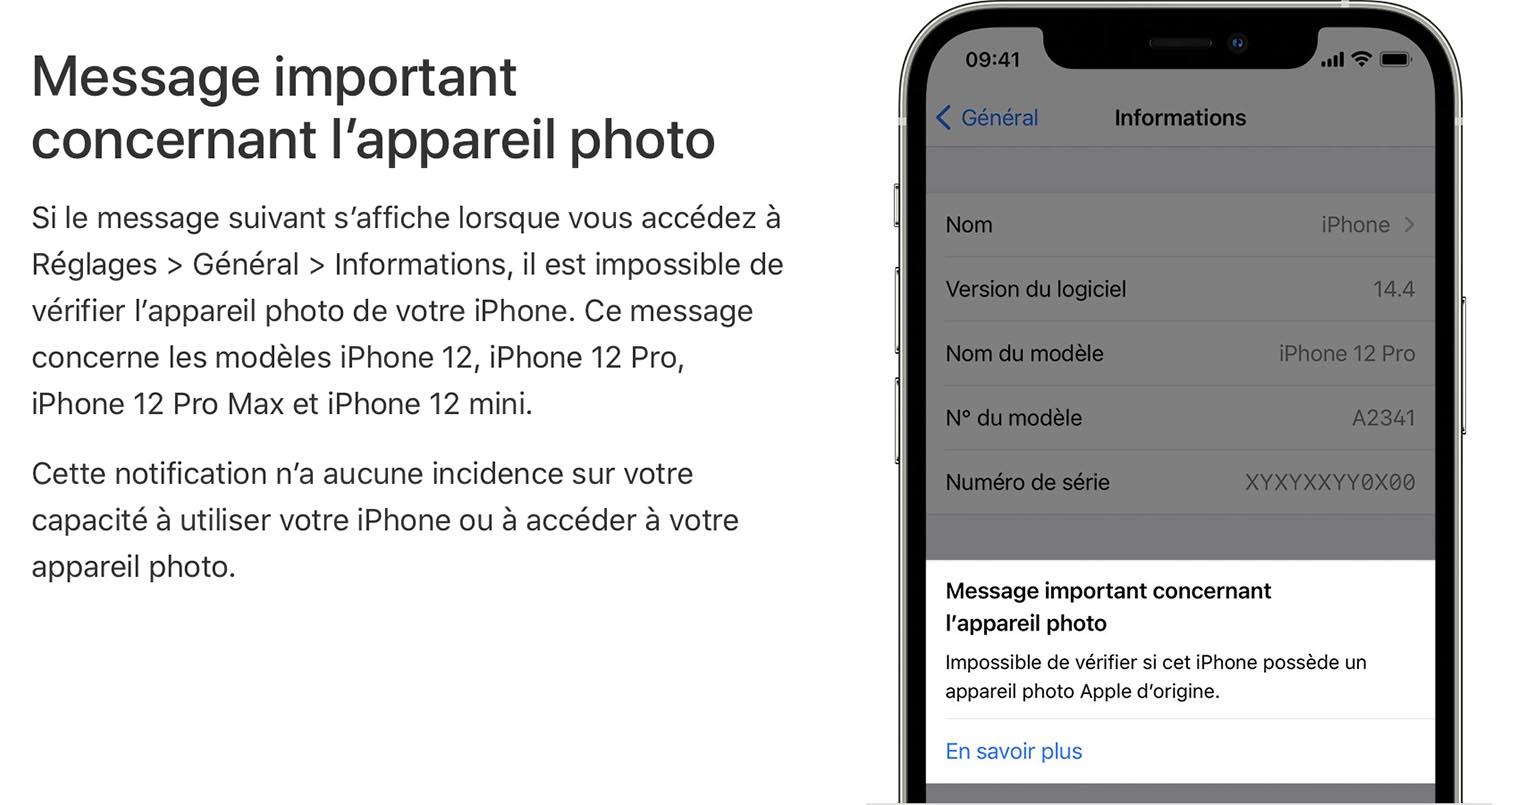 iOS 14.4 Message important concernant l'appareil photo